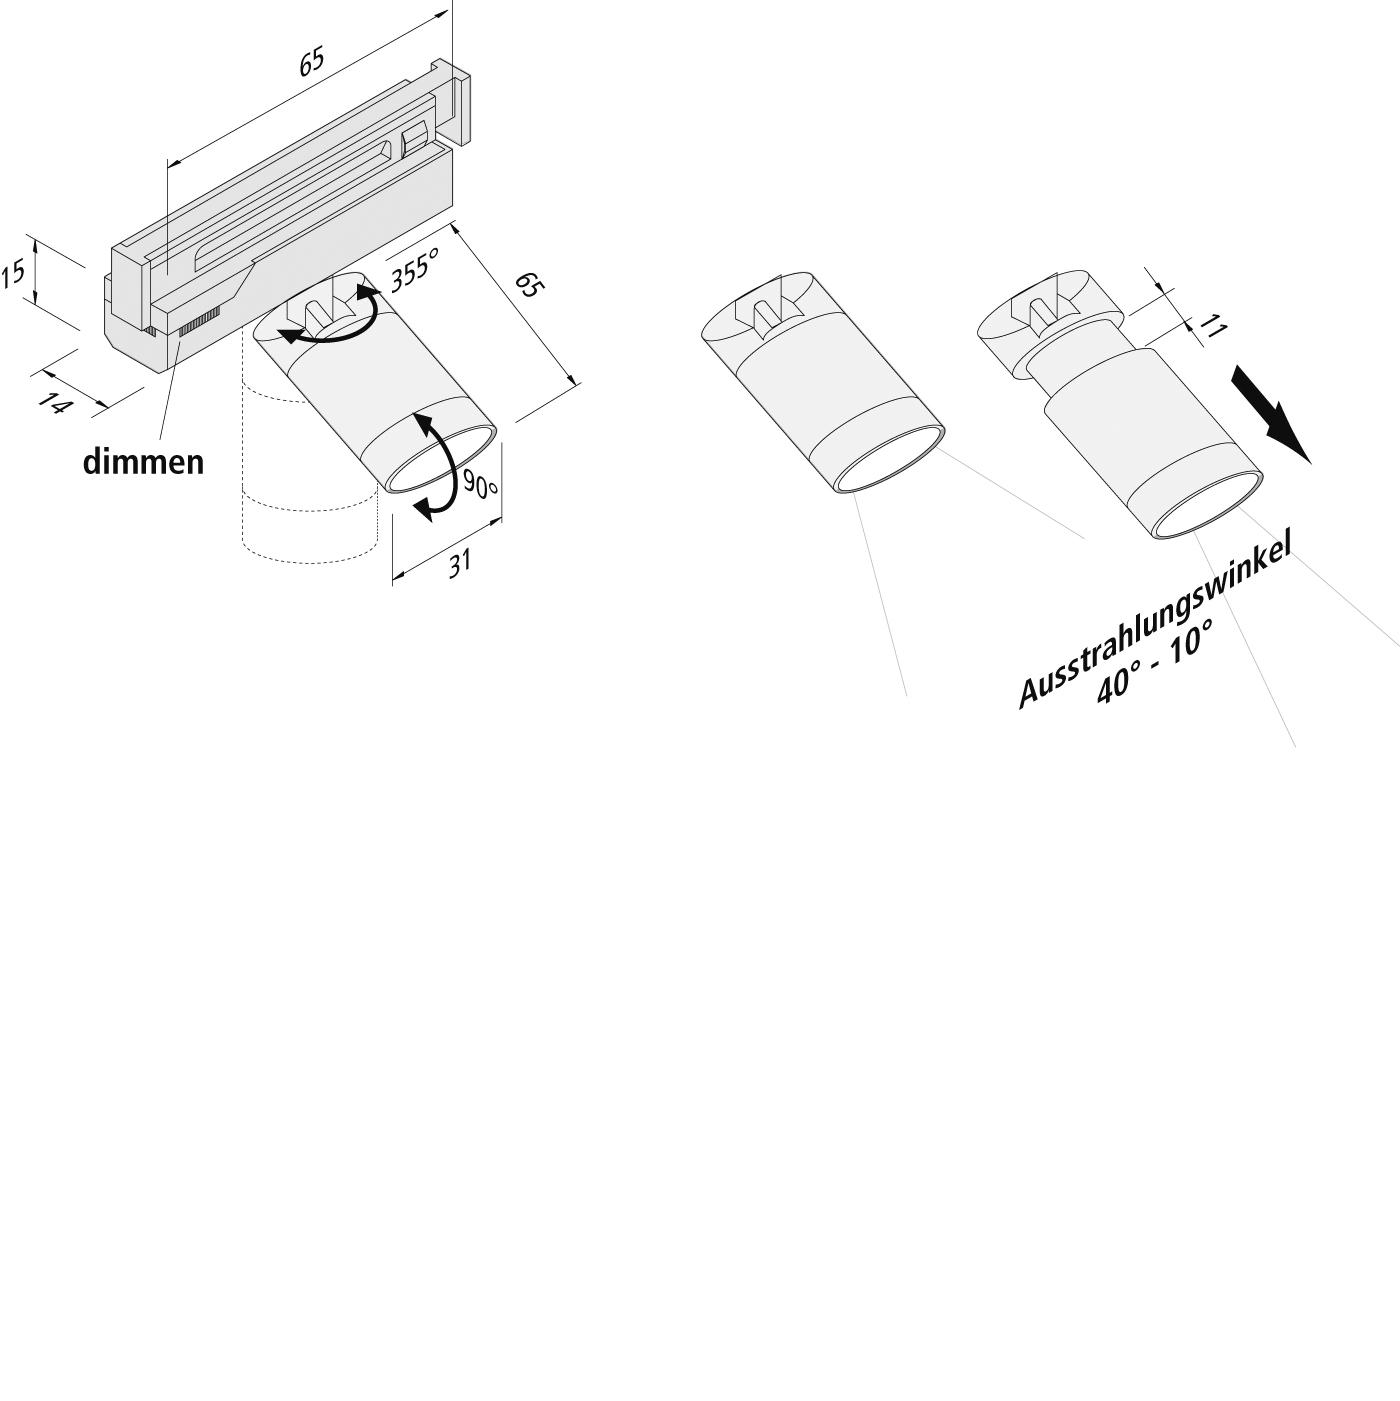 Vorschau: LED-Track-Spot_VKH_de